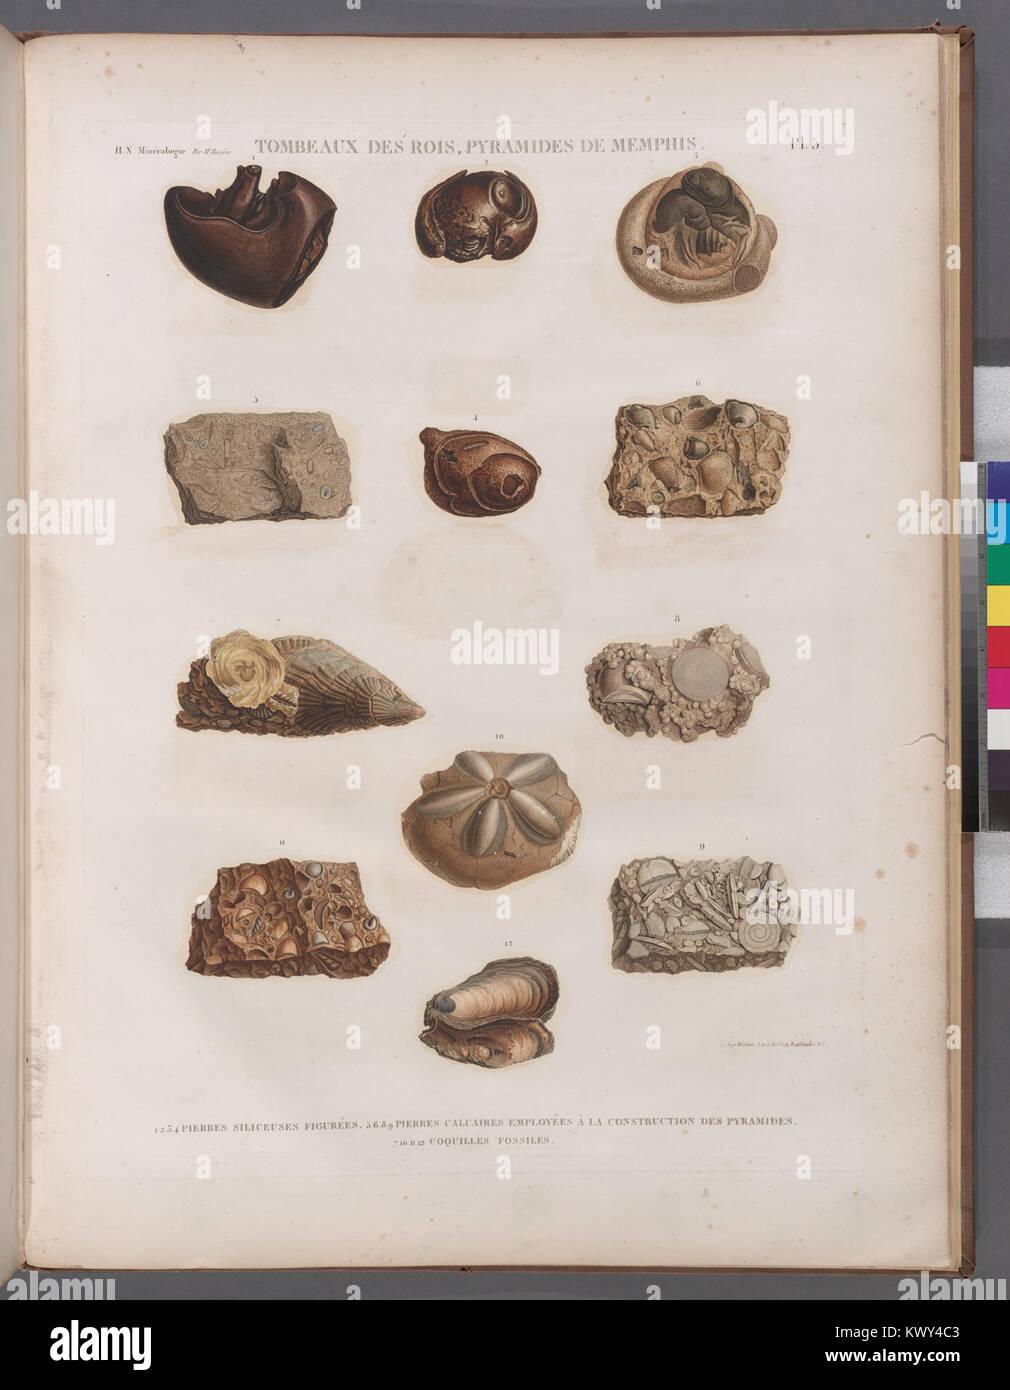 Minéralogie. Tombeaux des Rois, Pyramides de Memphis. 1-4. Pierres siliceuses figurées; 5.6.8.9. Pierres - Stock Image